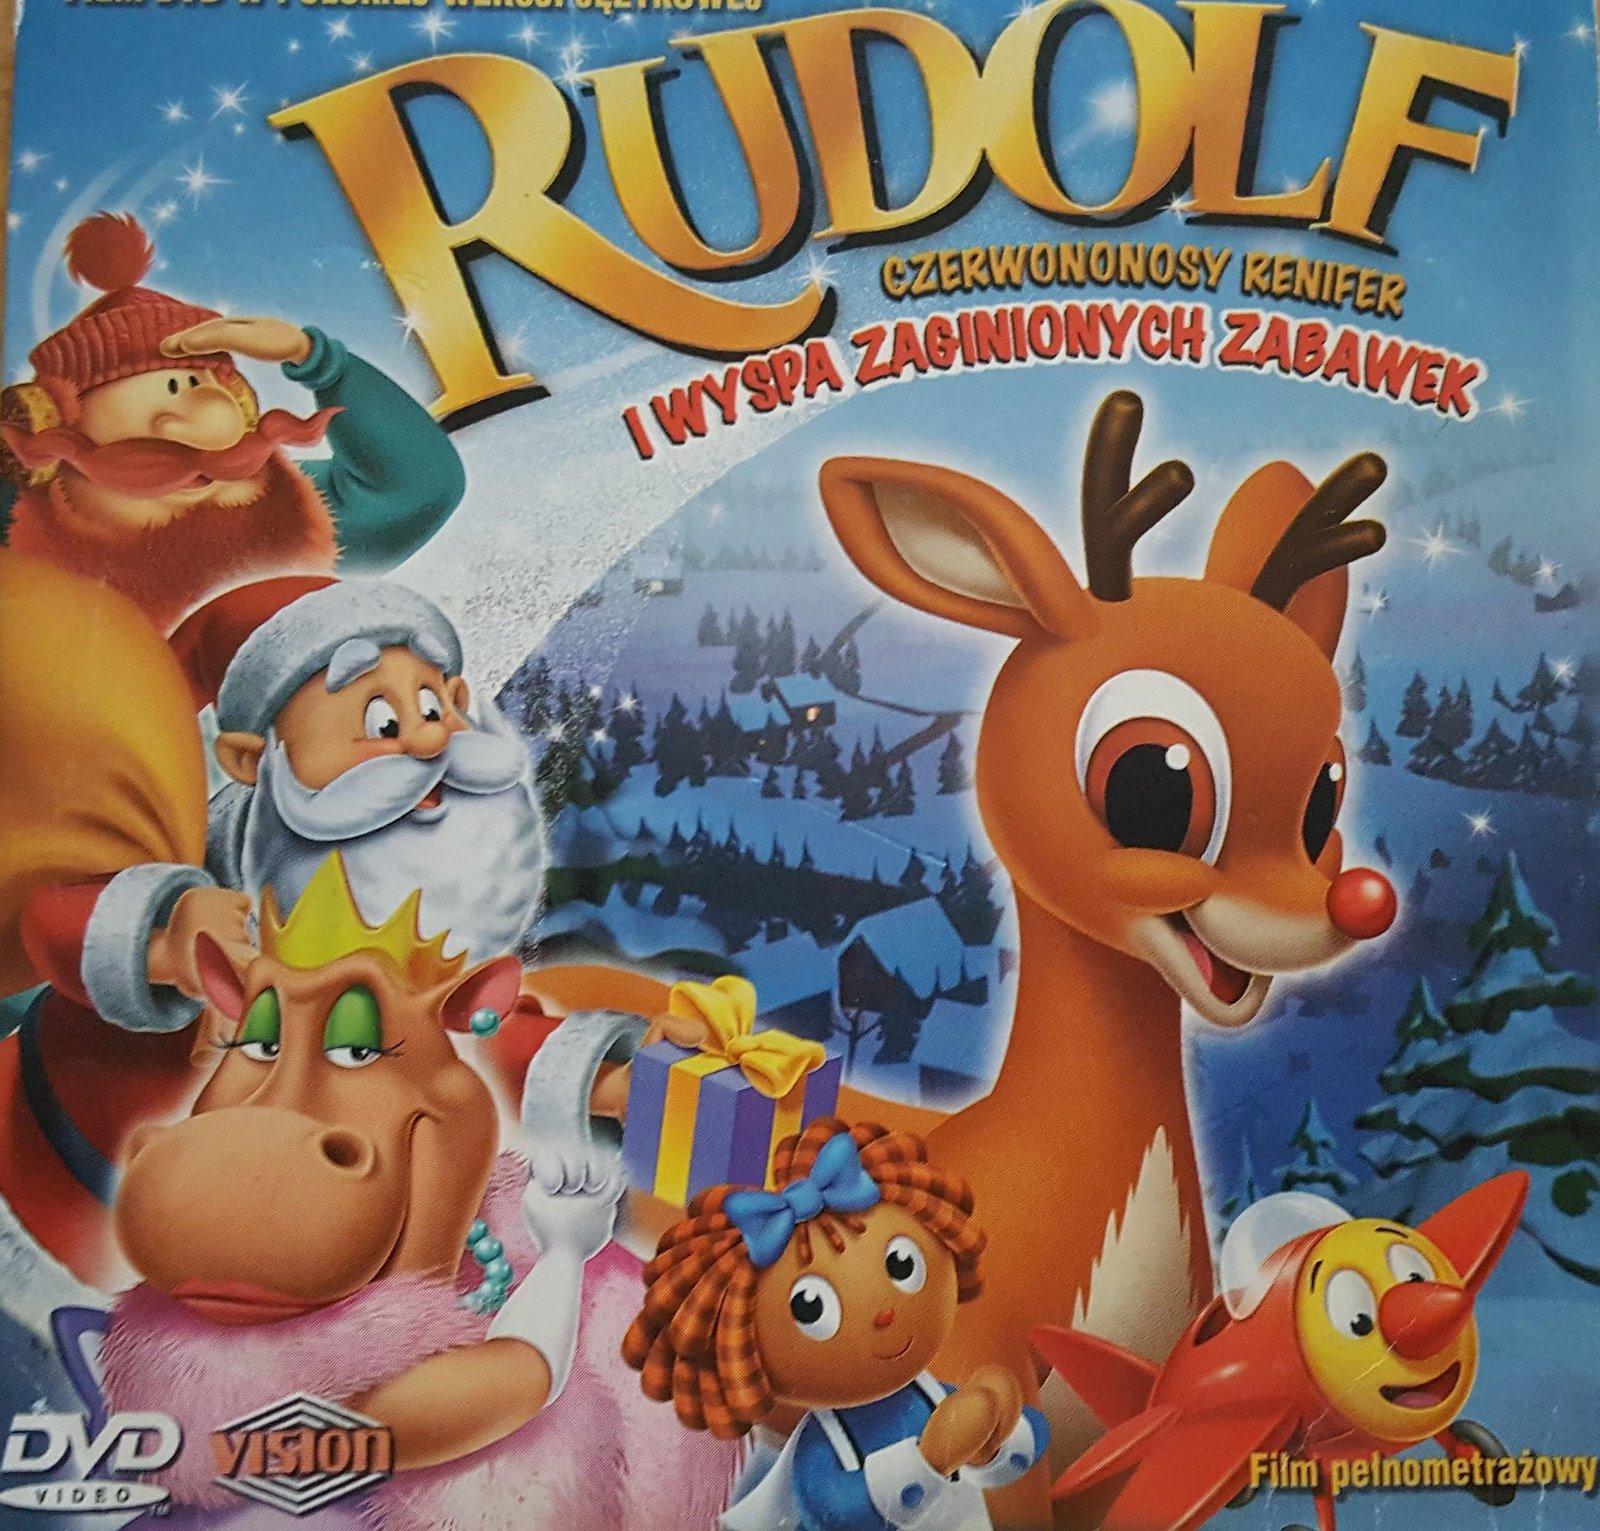 Mikołajki z Rudolfem